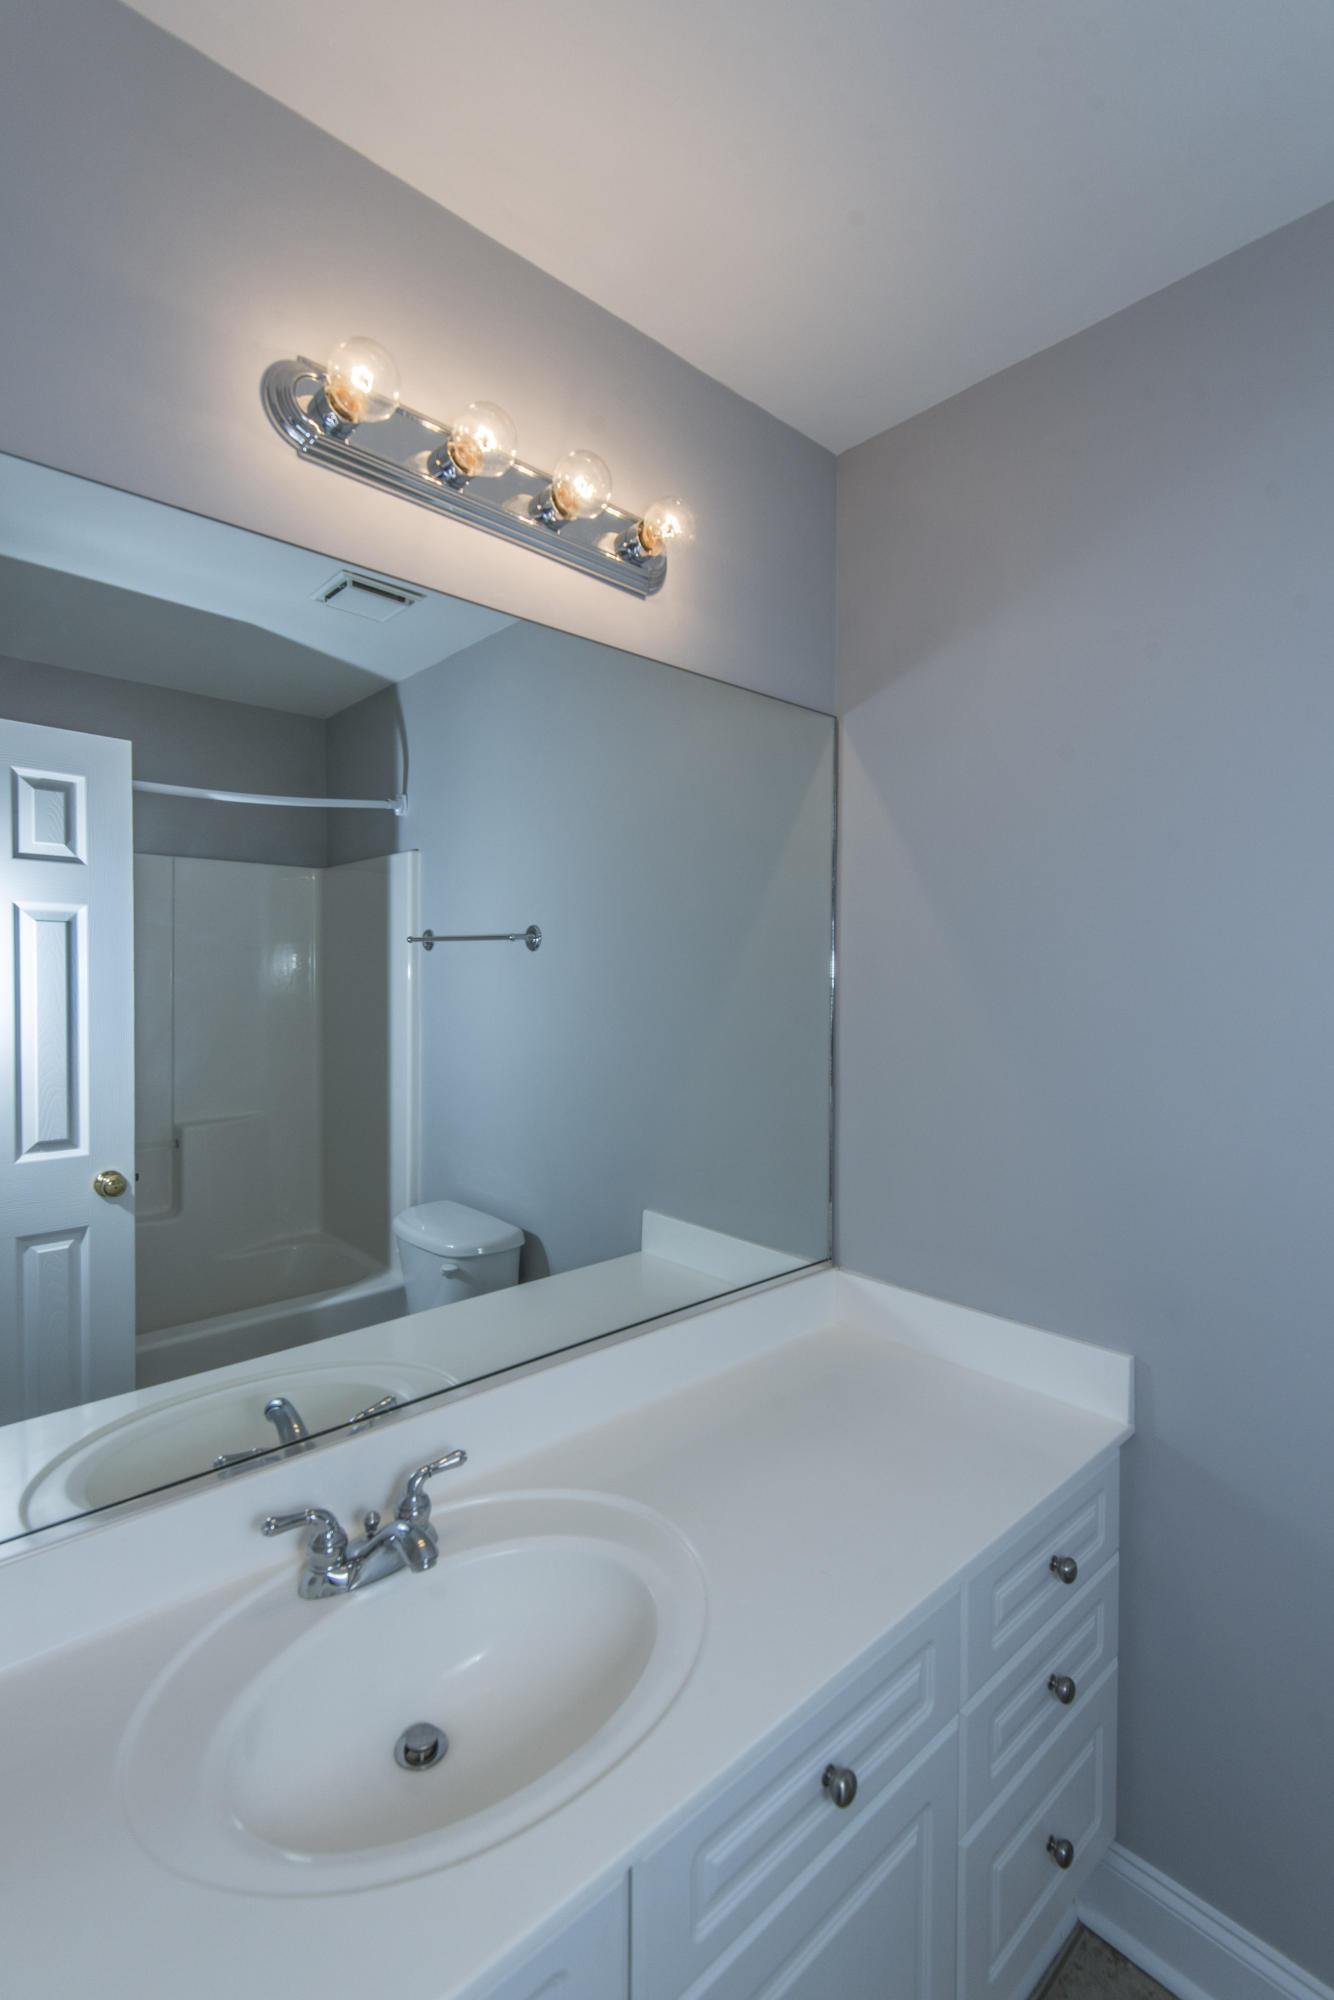 Lake Palmetto Homes For Sale - 4975 Lake Palmetto, North Charleston, SC - 4